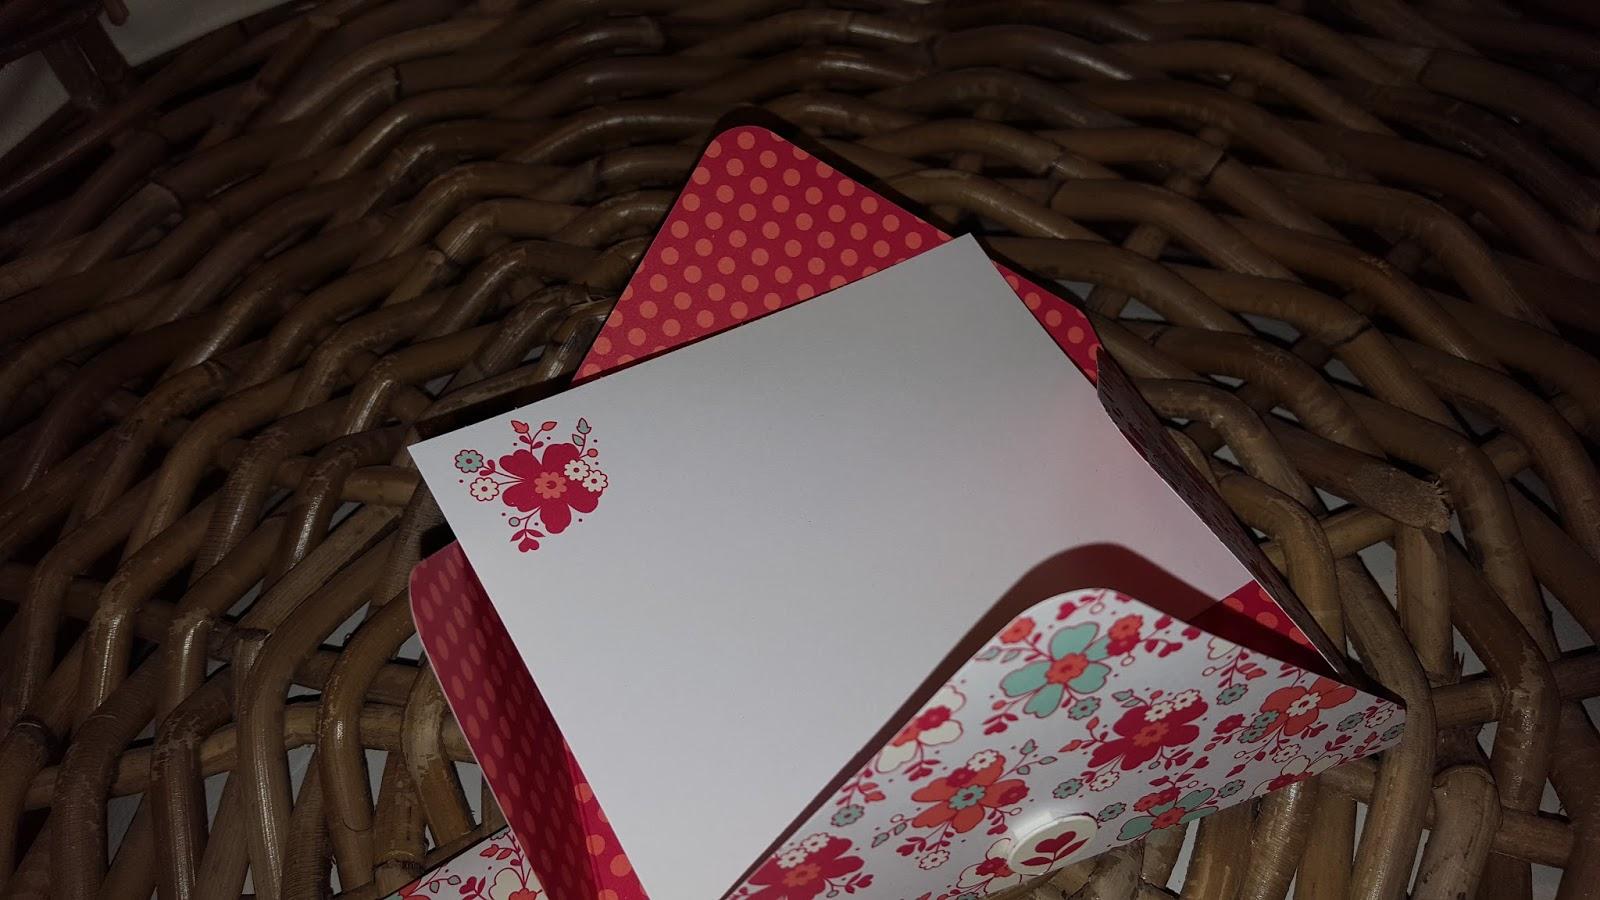 Und Hier Ein Blick In Den Umschlag!